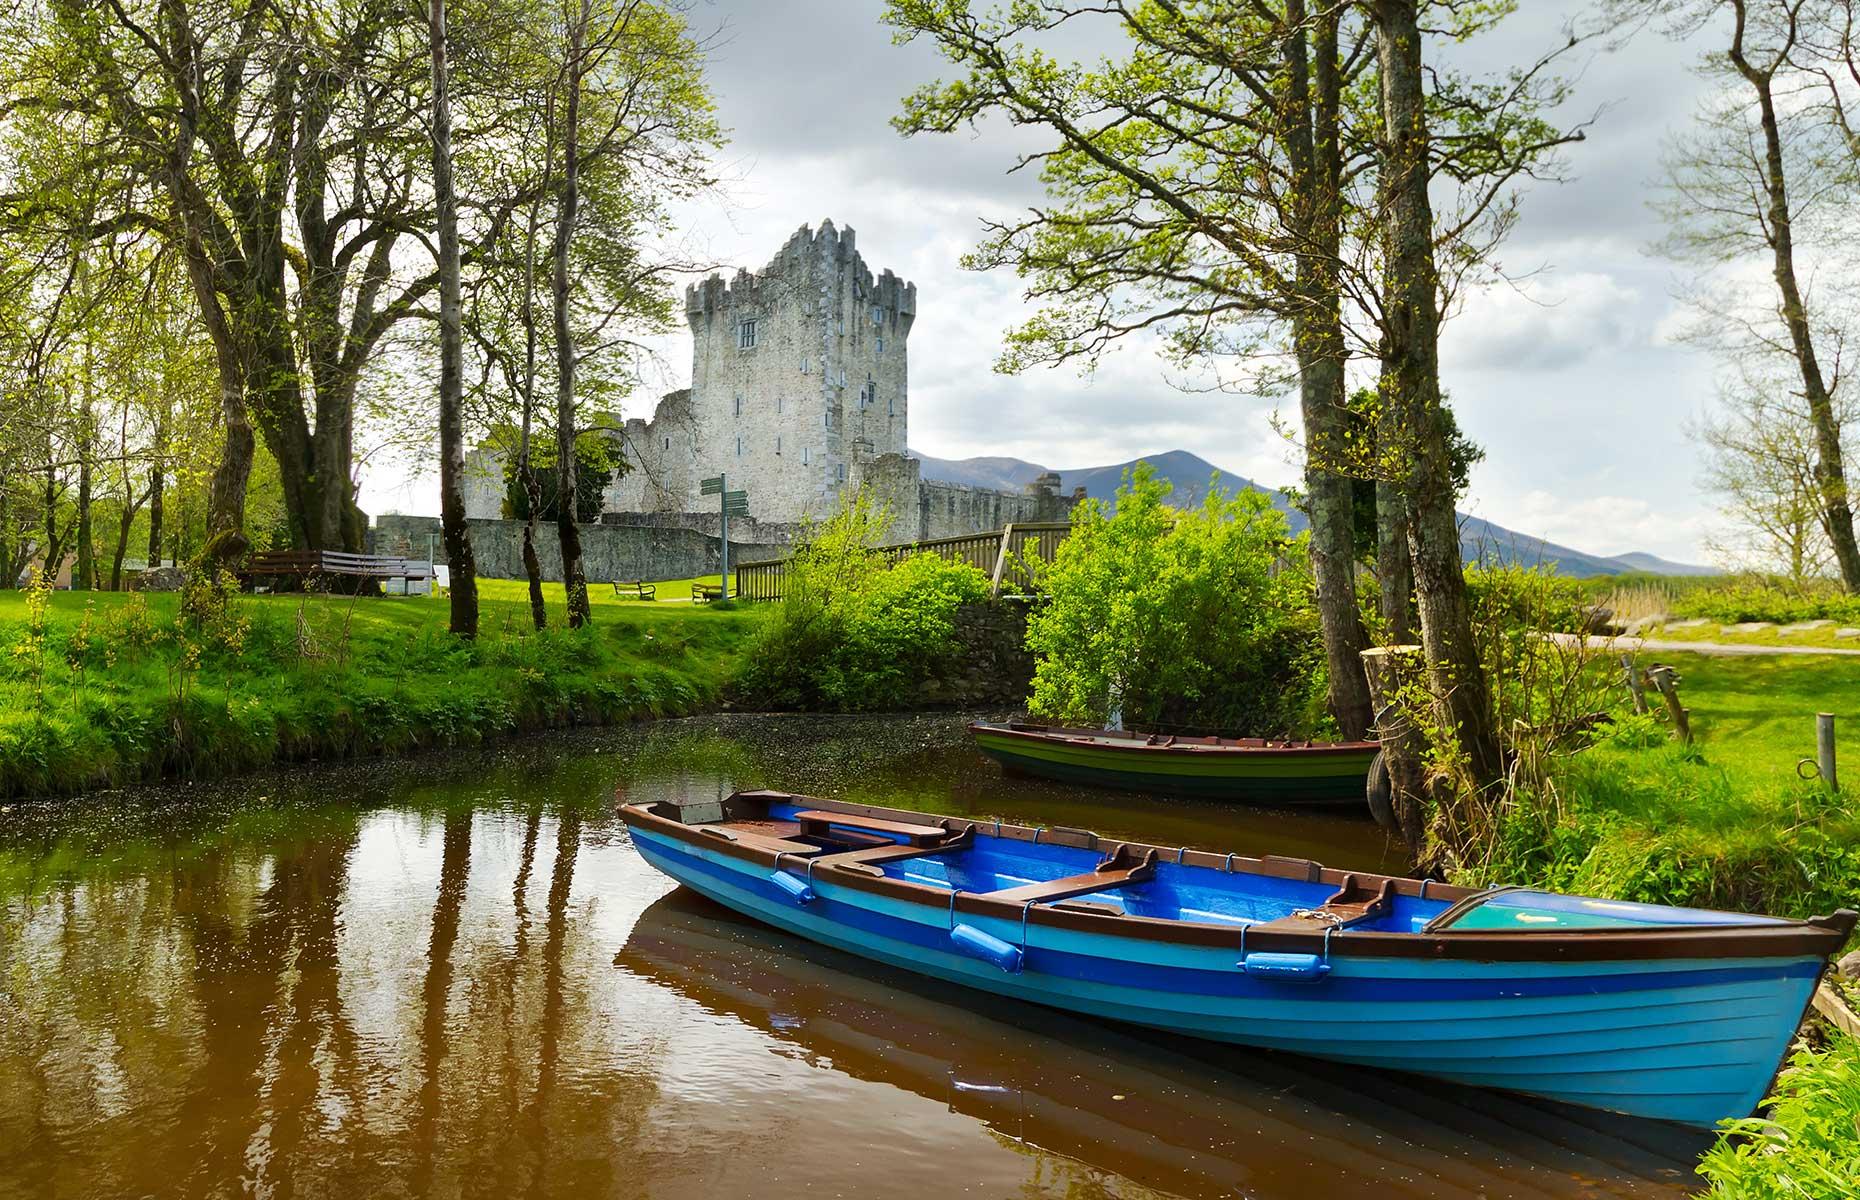 Ross Castle (Patryk Kosmider/Shutterstock)